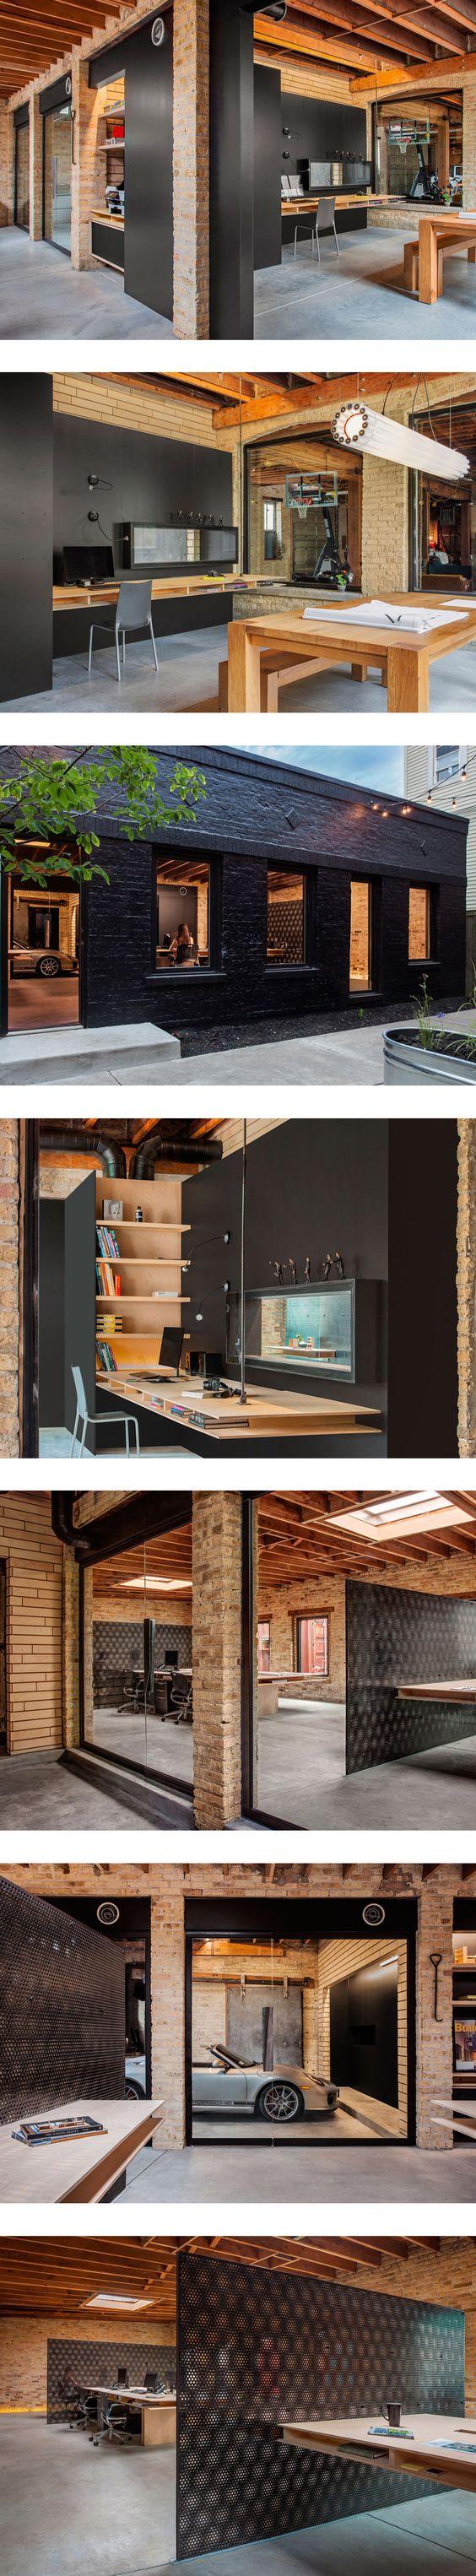 Dise o de oficinas indistrial rustico calido for Diseno de oficinas